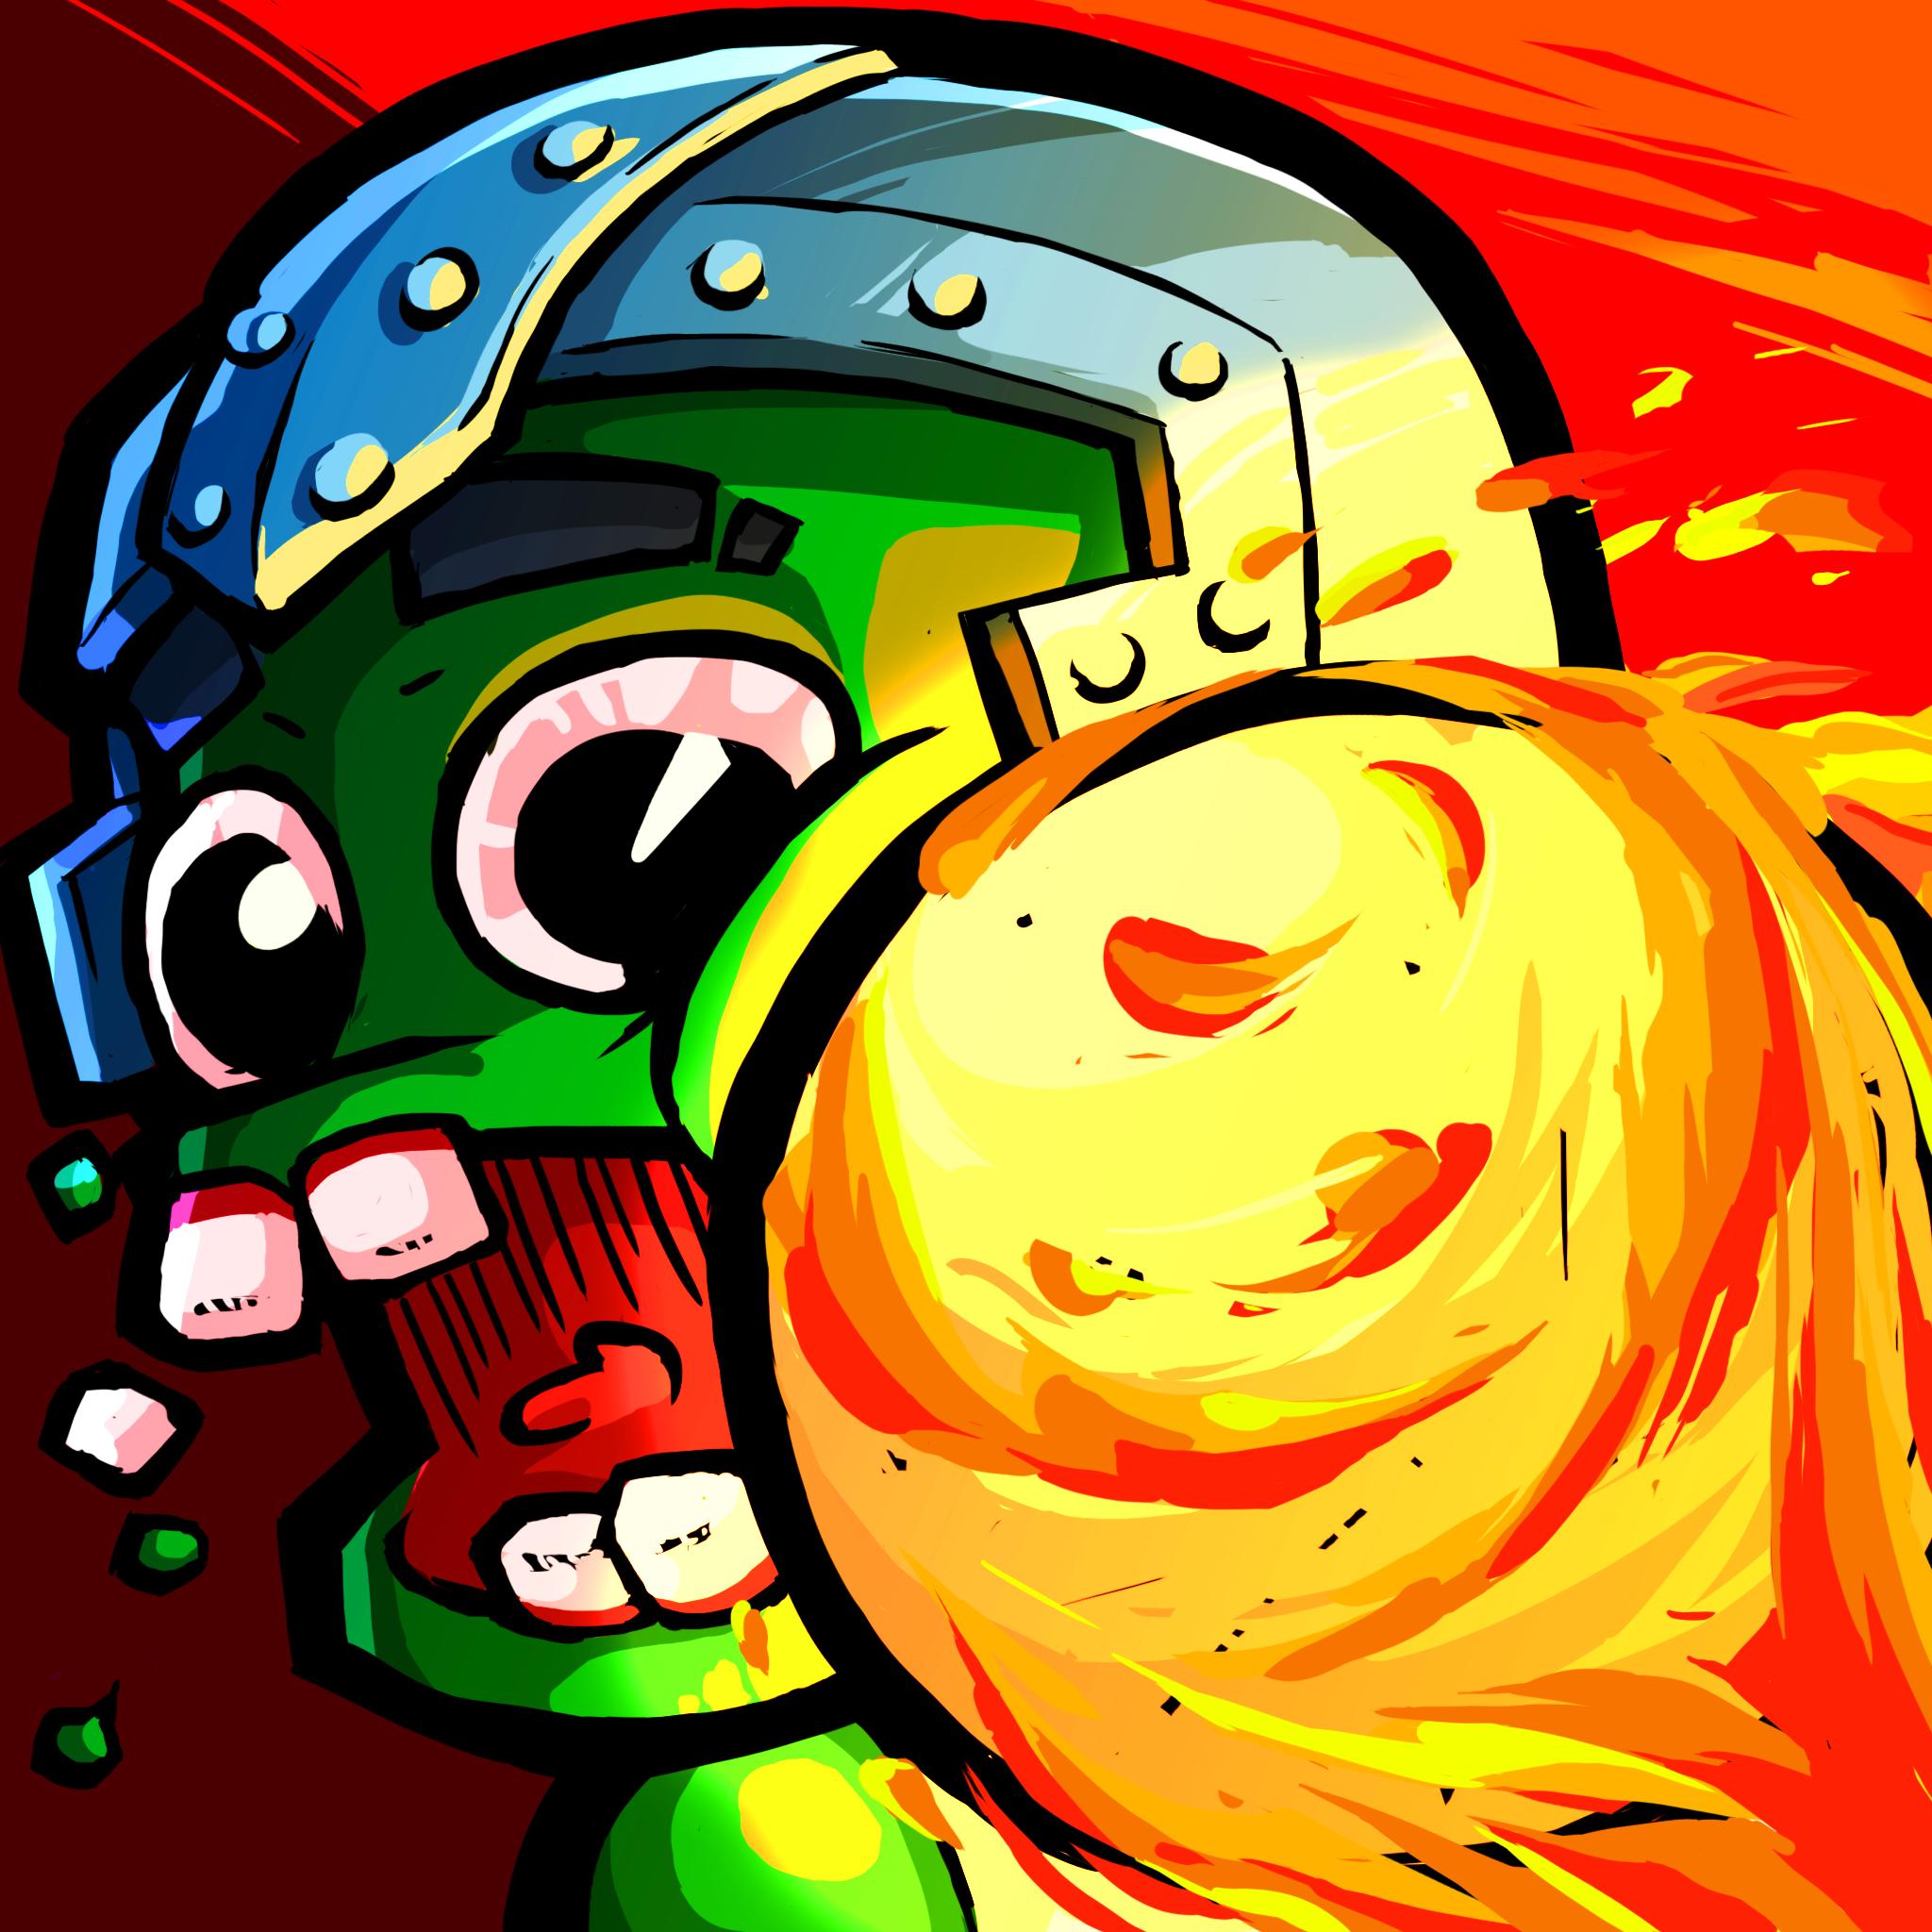 滚弹吧僵尸